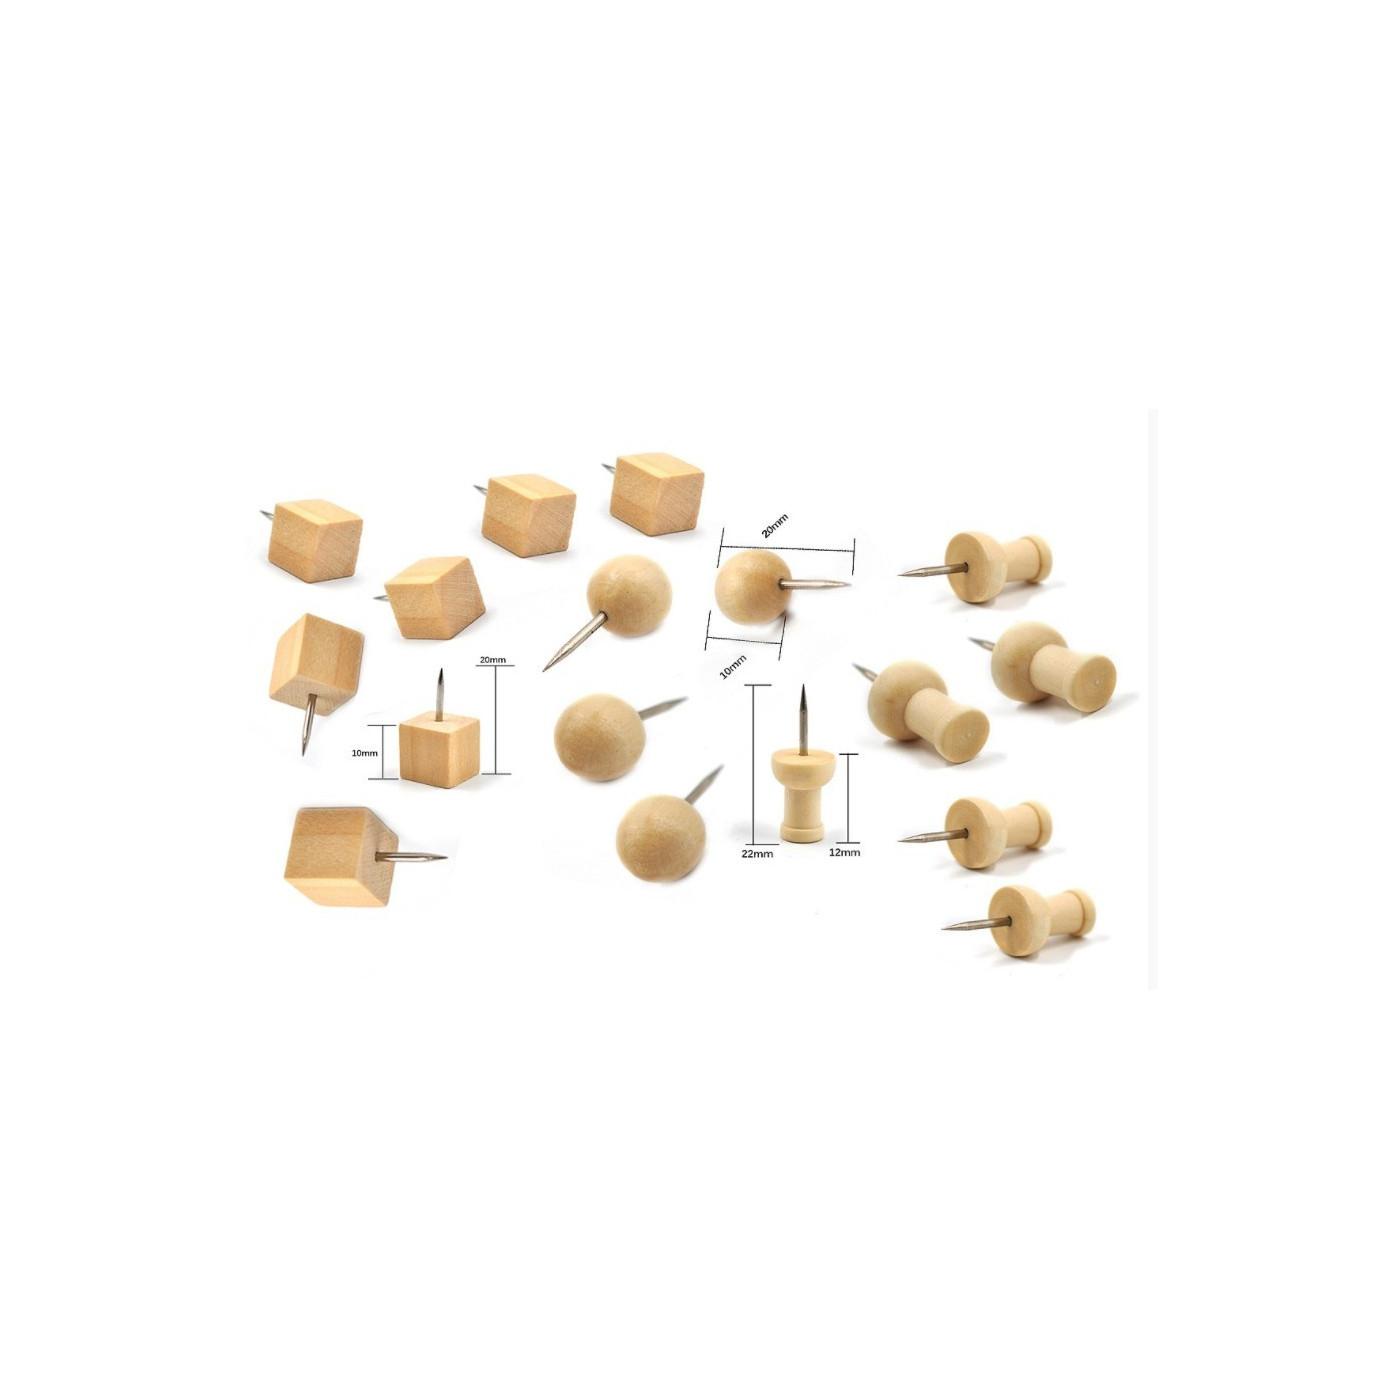 Alfileres de madera en bolsa (3 tipos, 270 piezas)  - 1